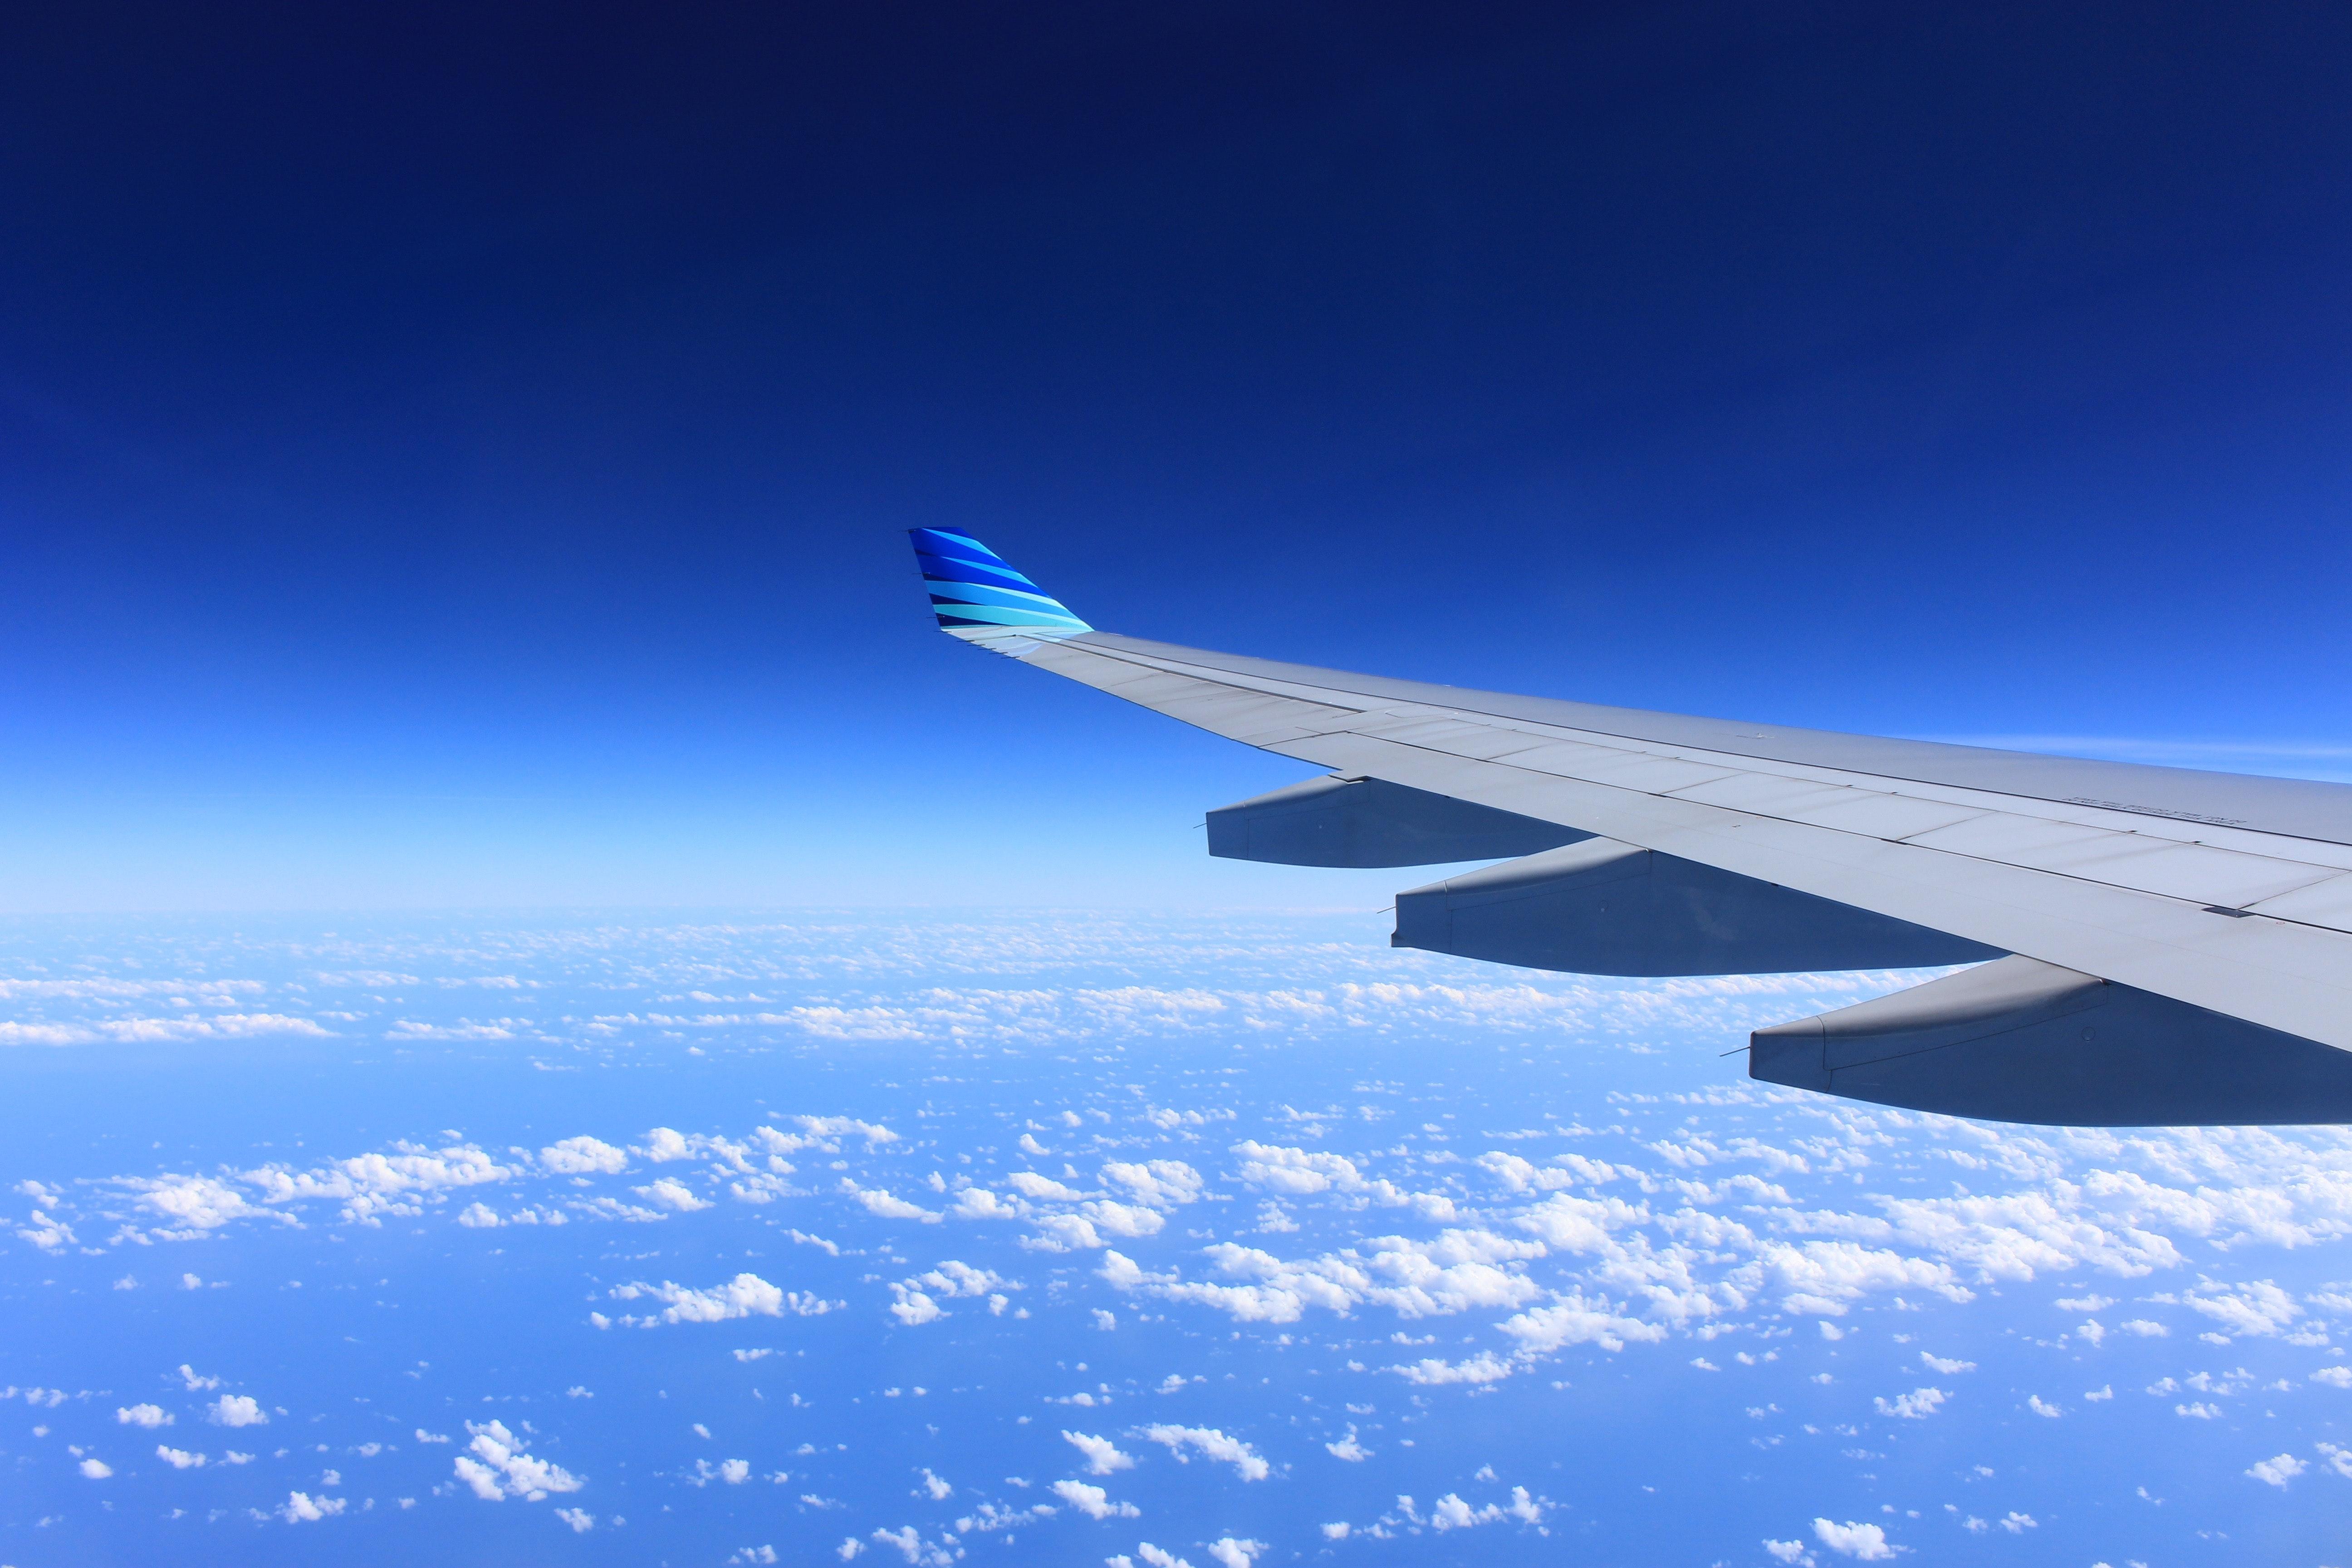 aeroplane-aircraft-aircraft-wing-62623